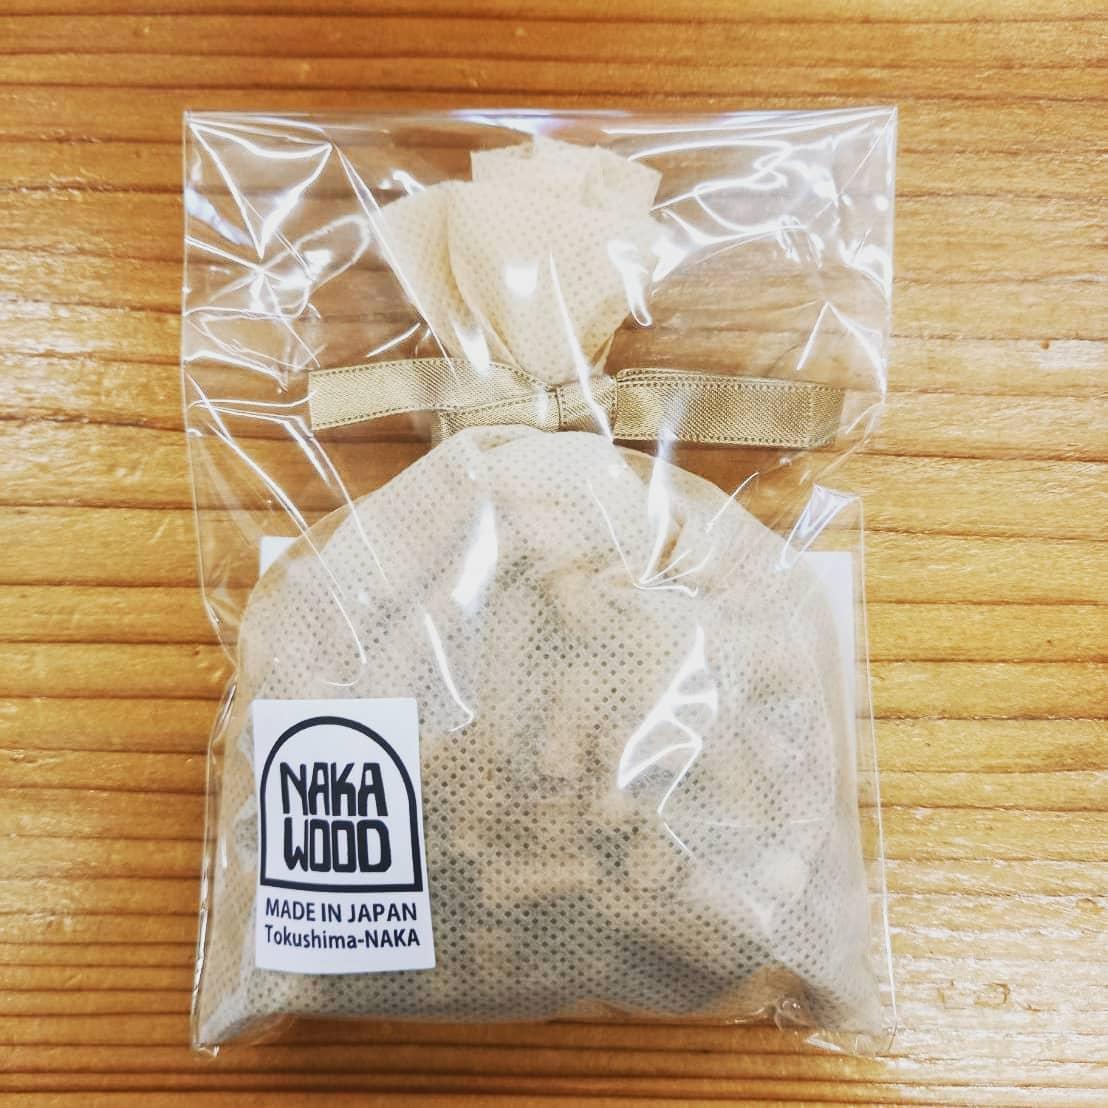 ヒノキのサシェ2021バージョン -多用途な木質ペレット入り- NAKAWOOD